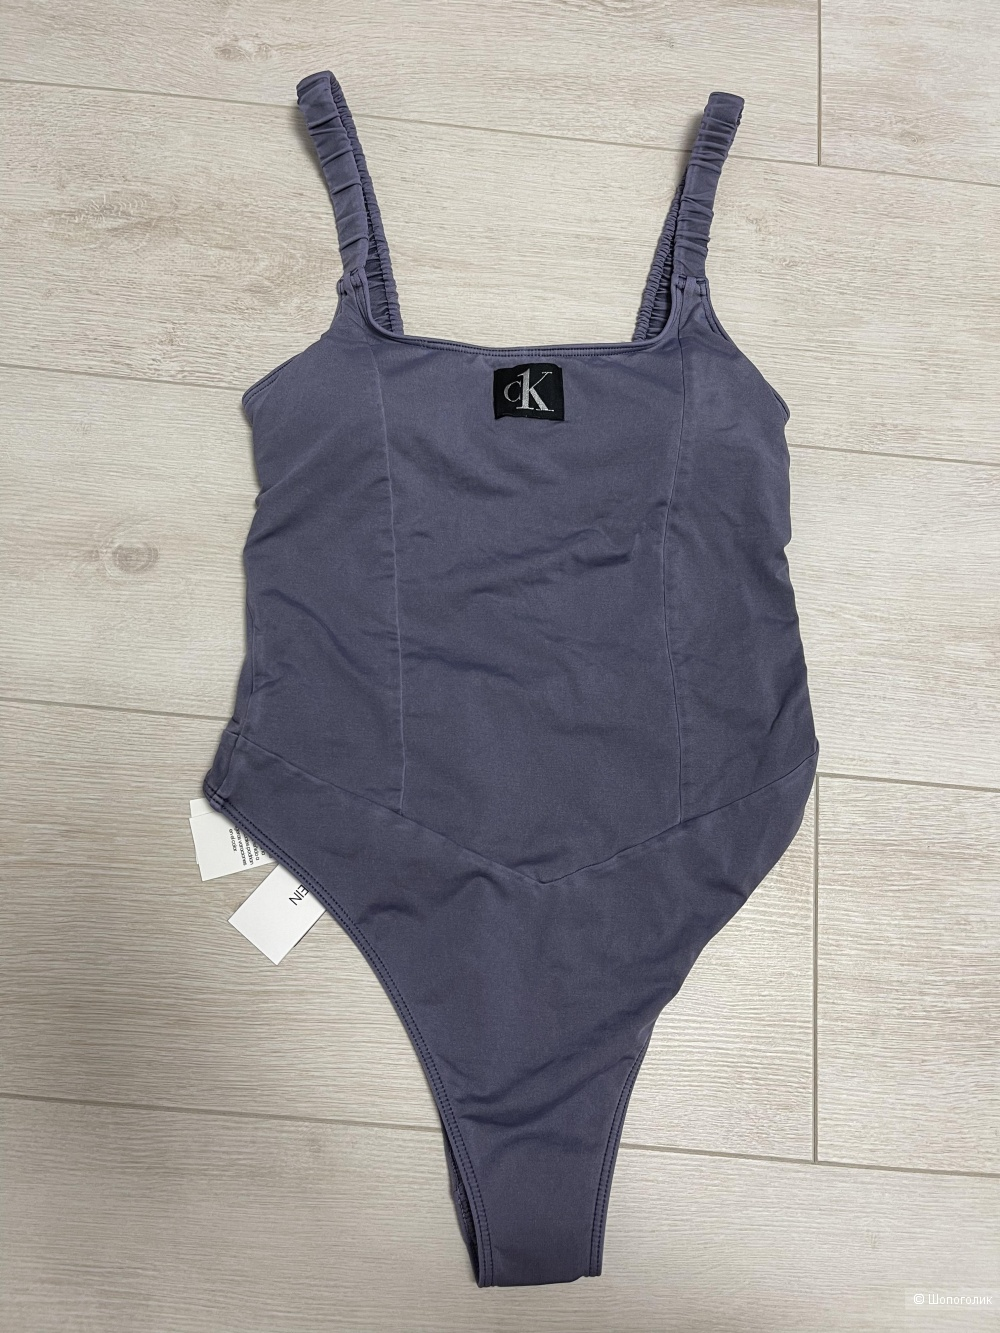 Купальник Calvin Klein, размер S, 42/44